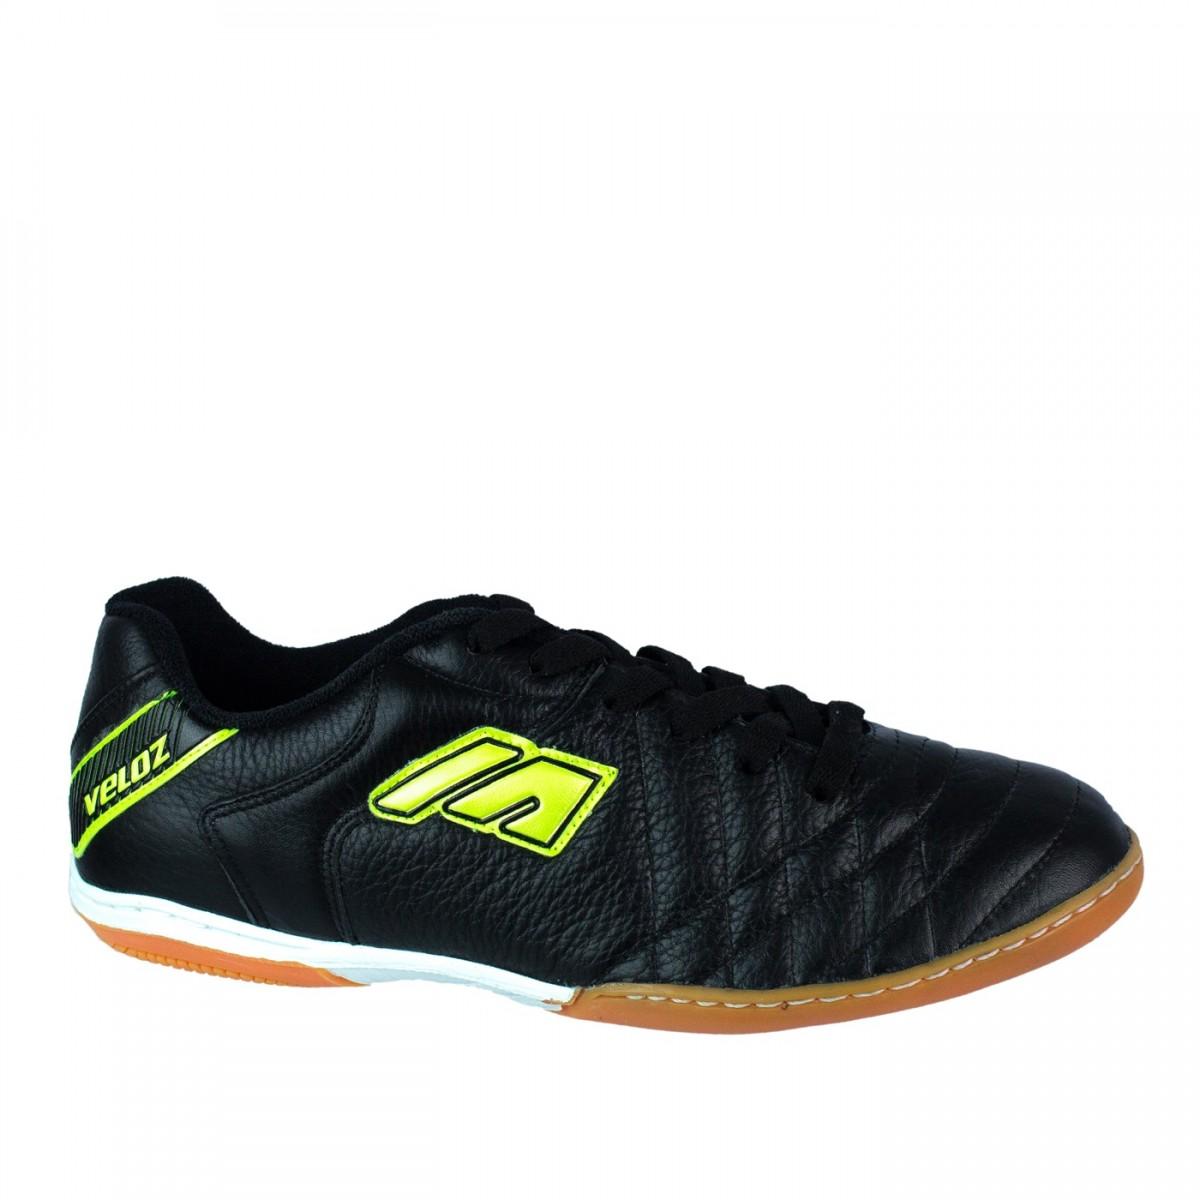 7107d041a Imagem - Chuteira de Futsal Mathaus Veloz Flother 1001810101074 - 050922